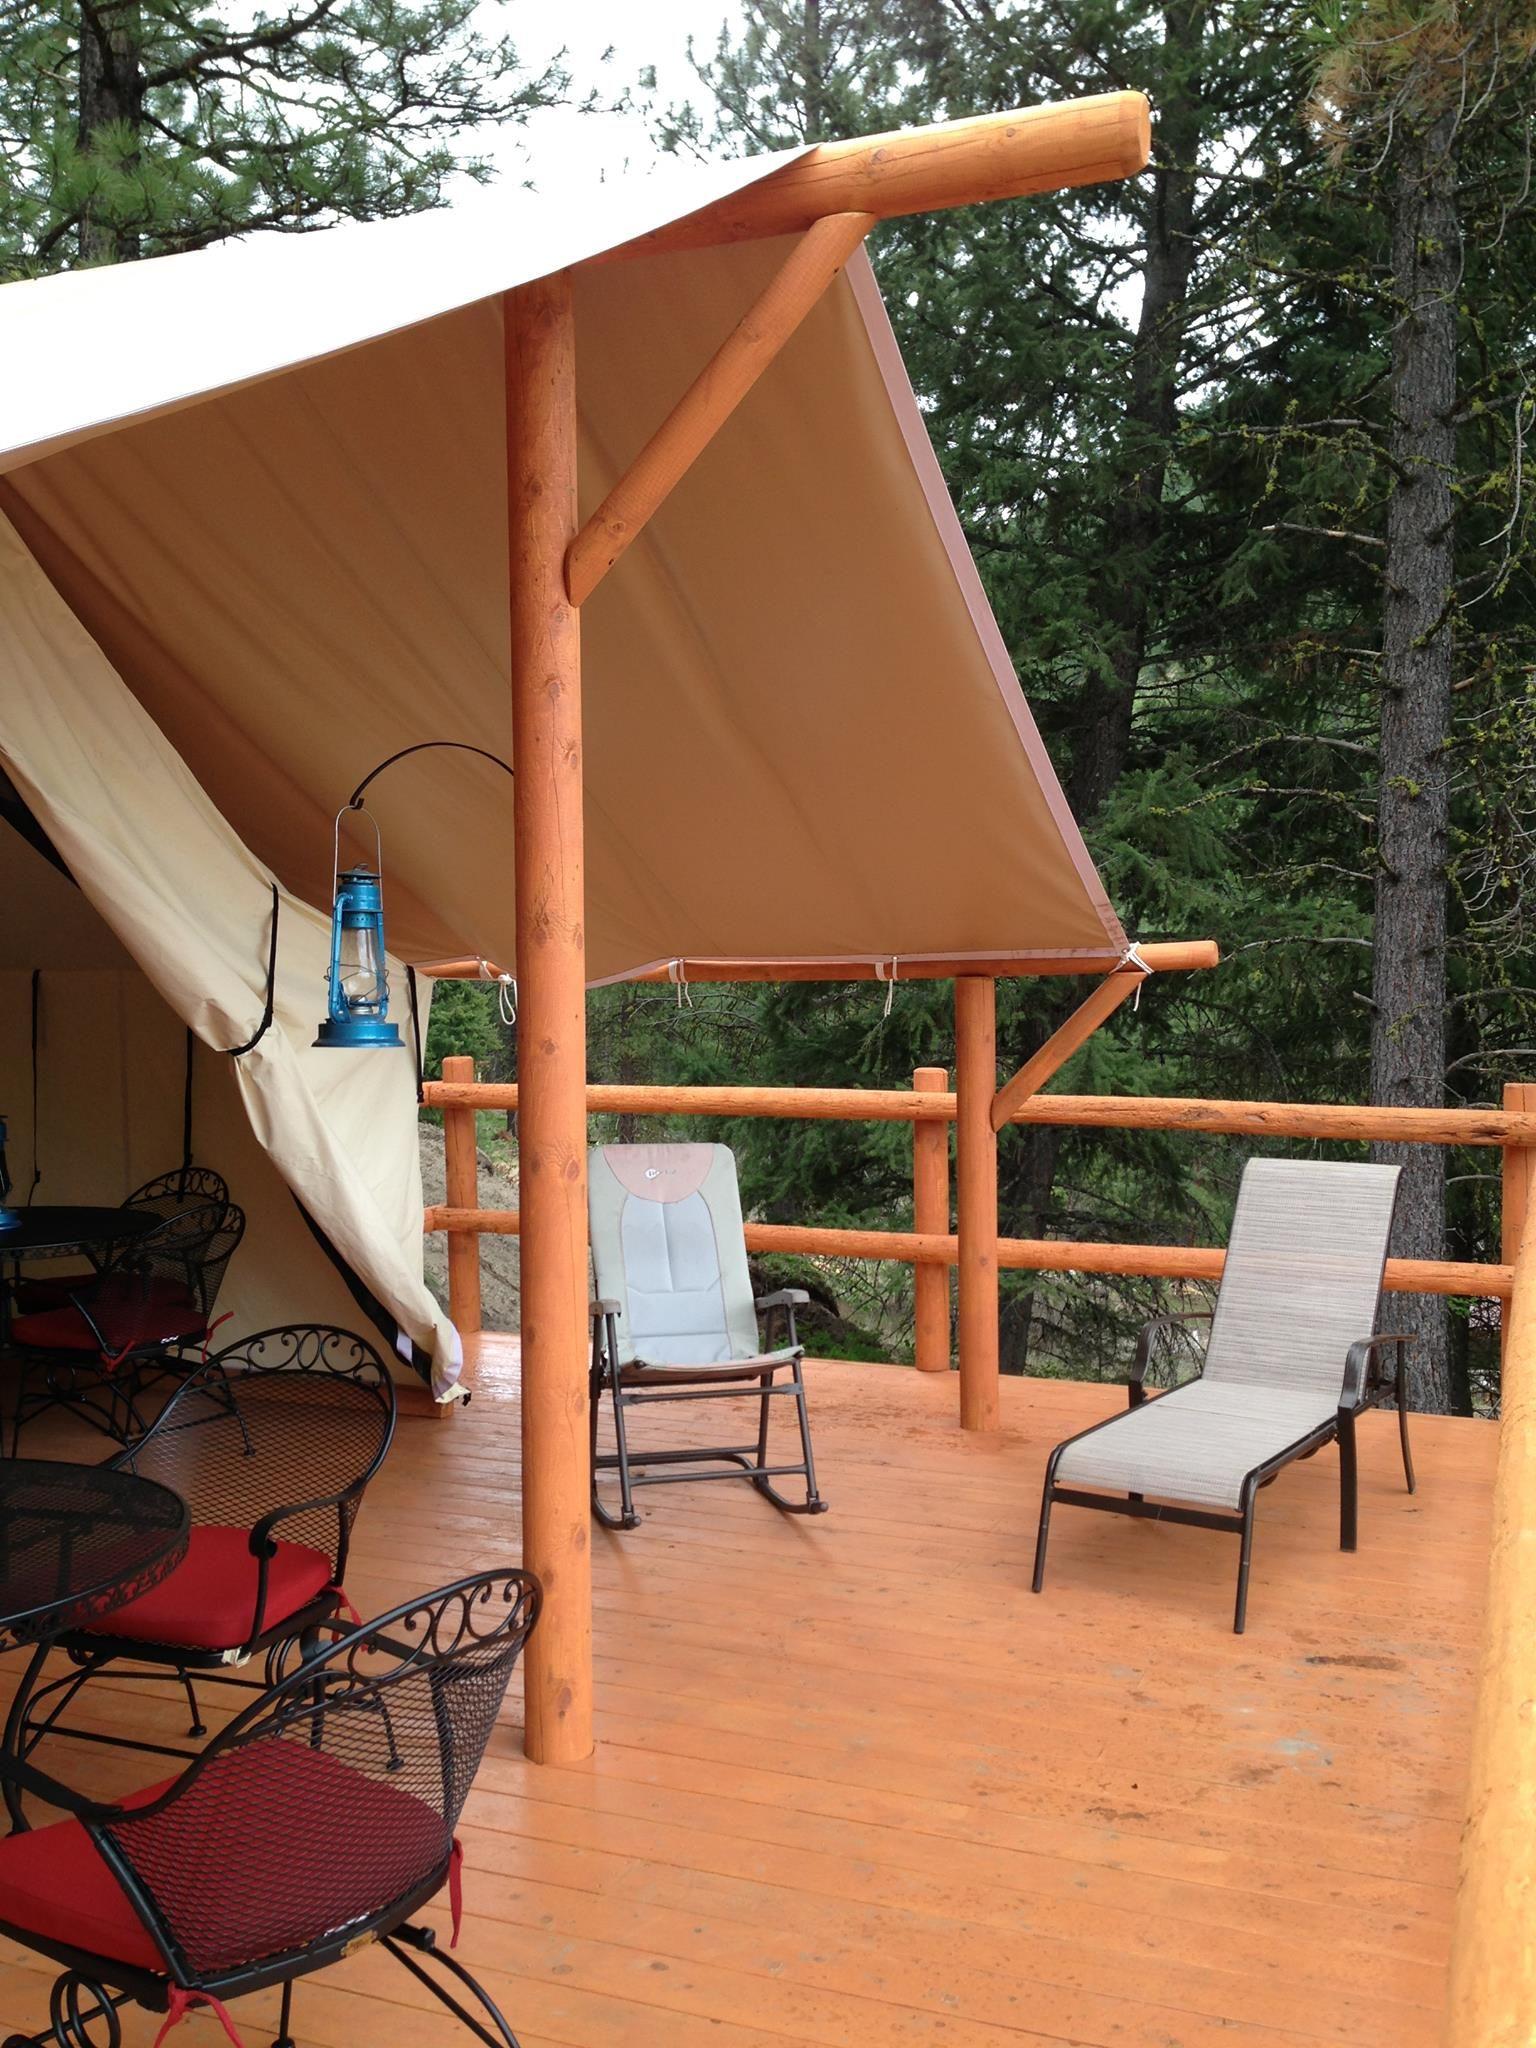 Cabin Tents - Canvas Platform Tents & Cabin Tents - Canvas Platform Tents | Favorite Places u0026 Spaces ...